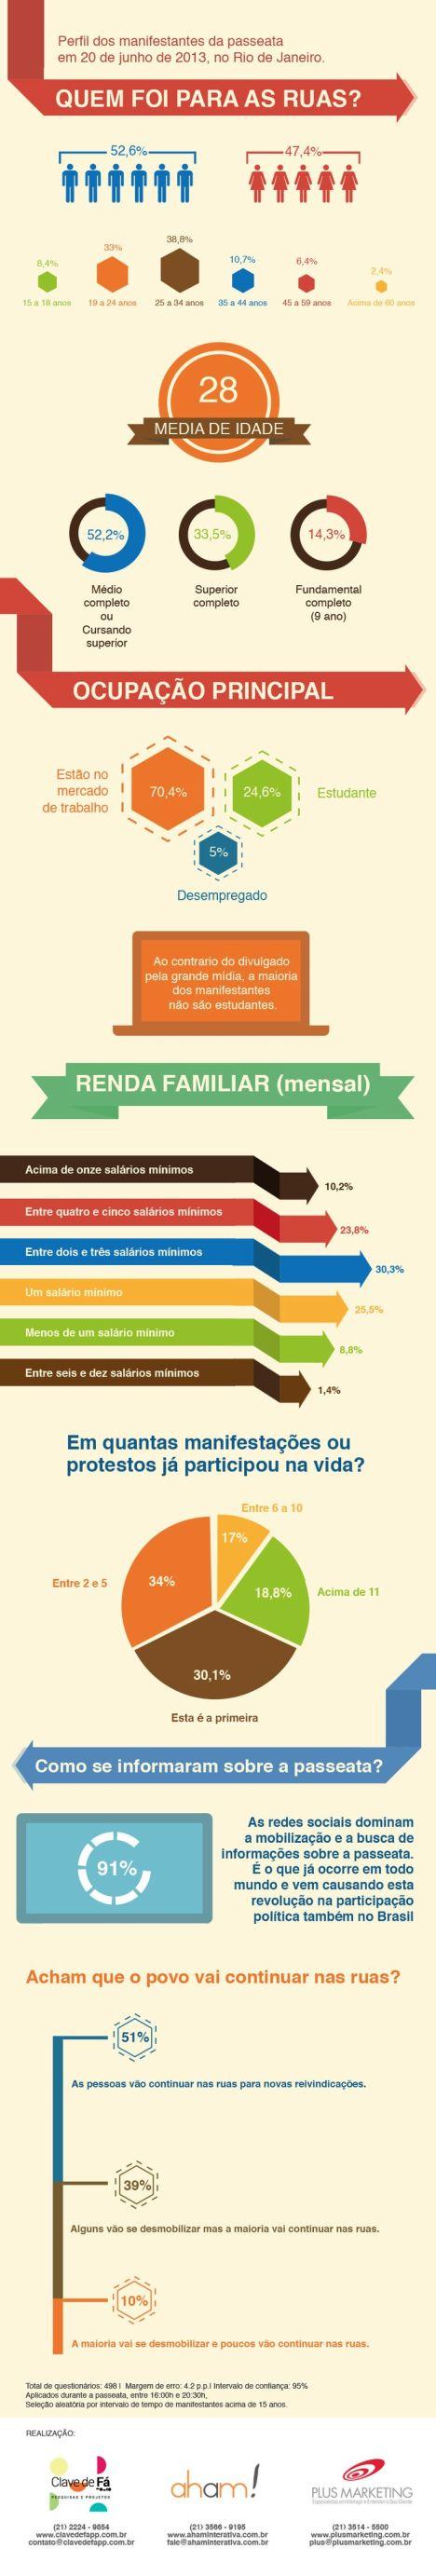 Perfil dos manifestantes no Rio